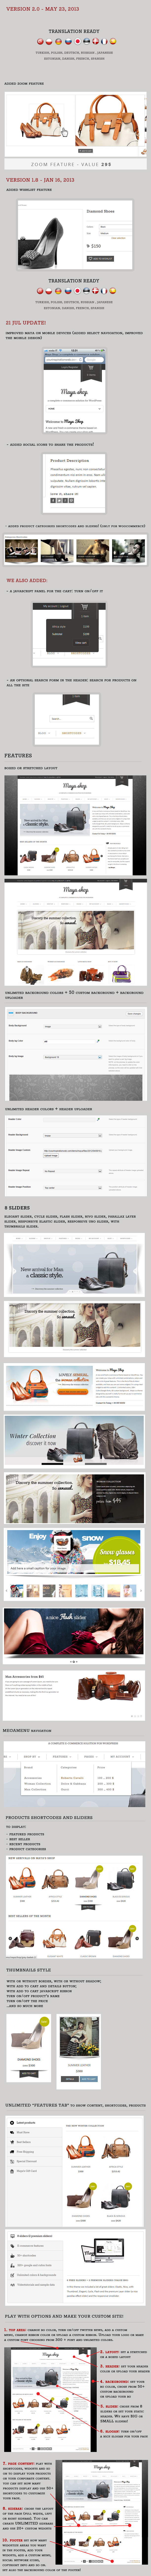 mayashop2 - MayaShop - A Flexible Responsive e-Commerce Theme